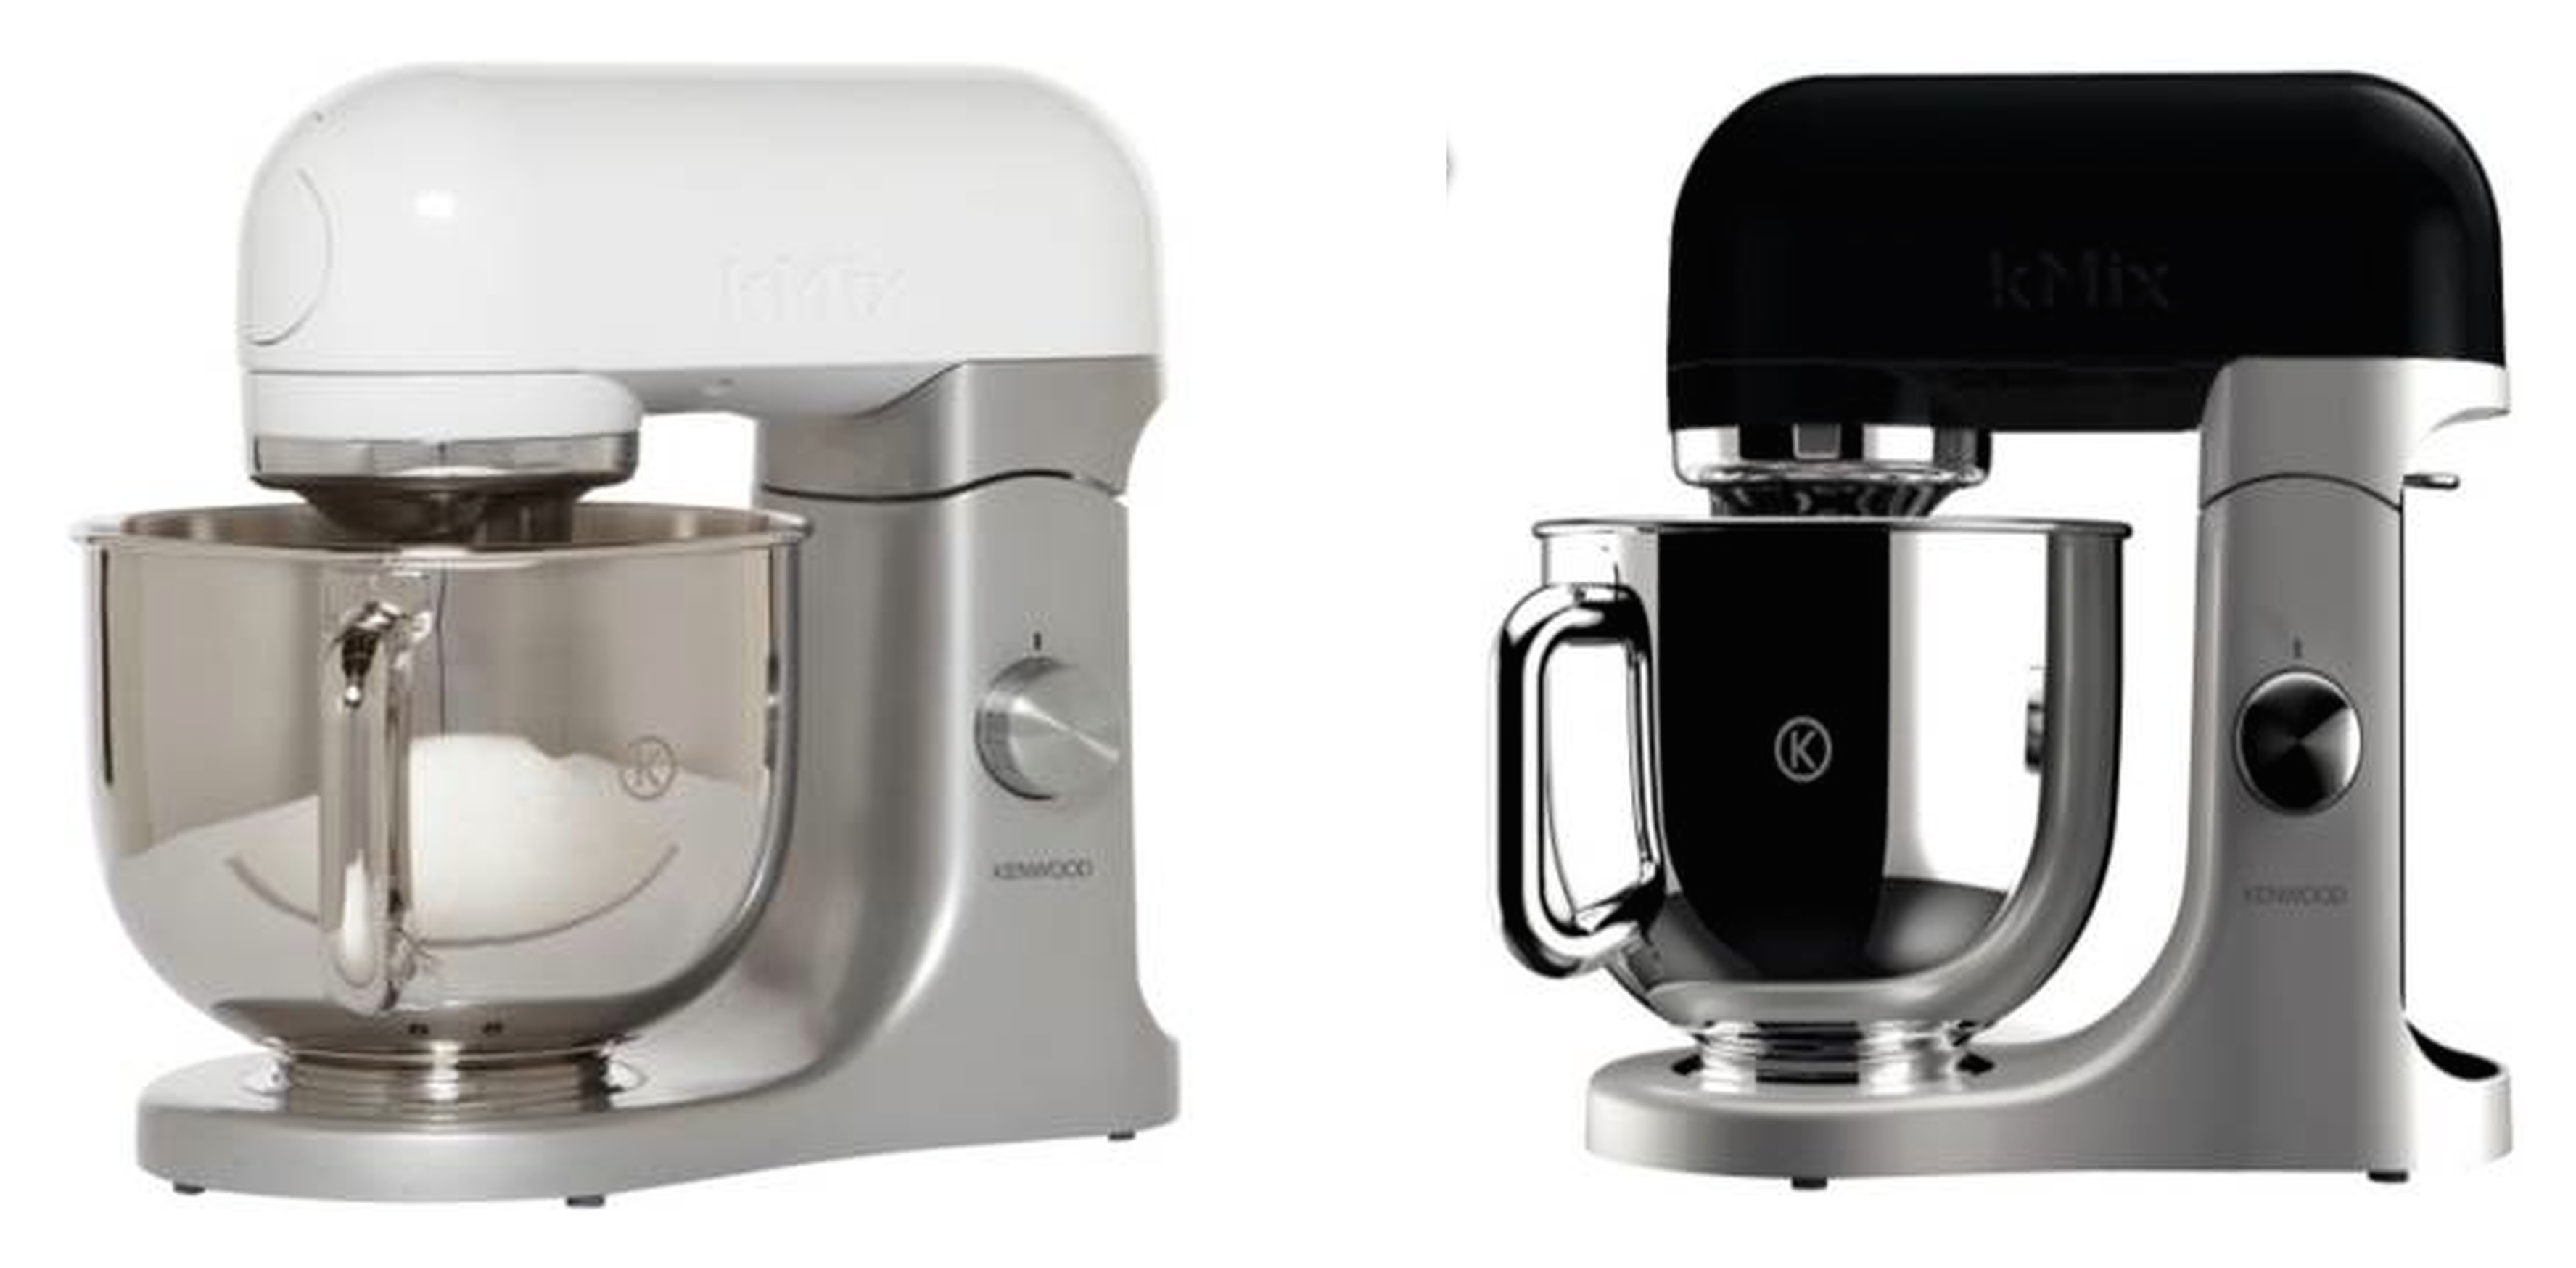 Kenwood Küchenmaschine Kmx50 2021